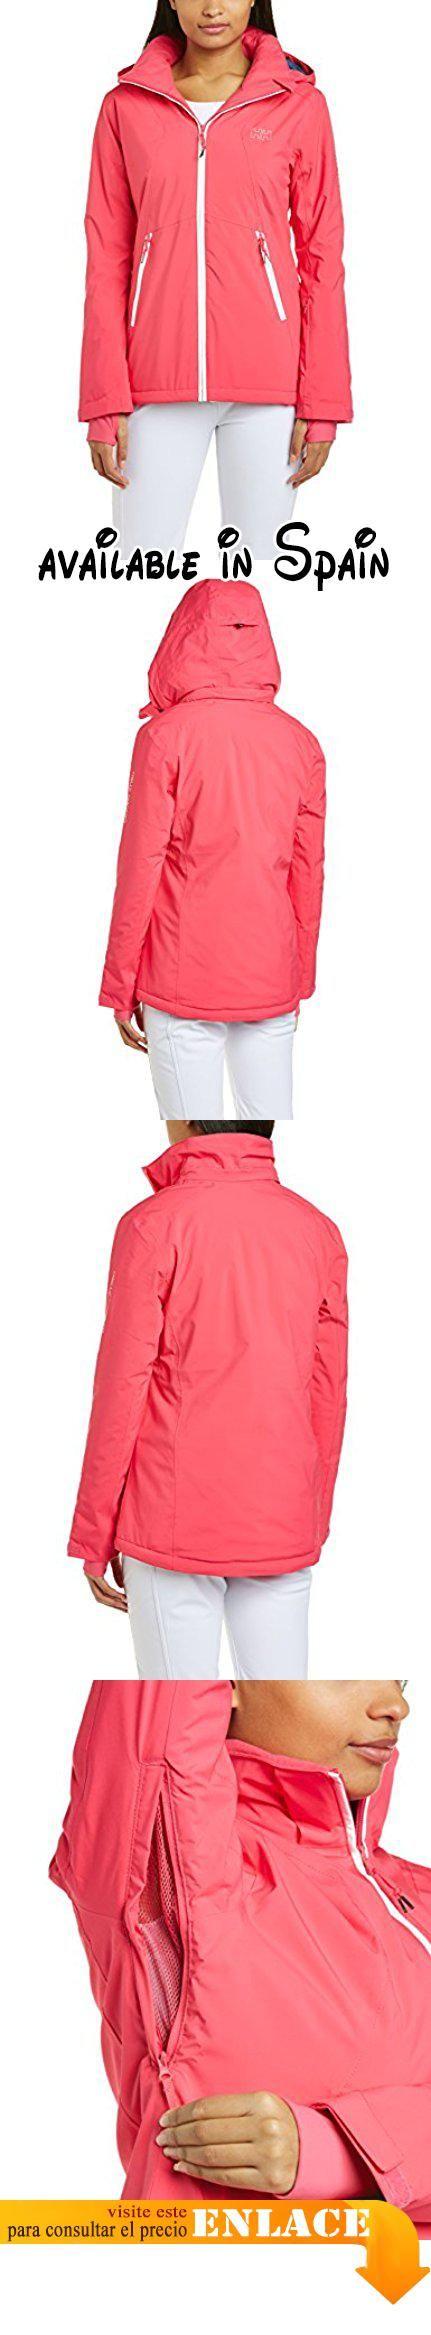 B00IAHXYCG : Helly Hansen Jacke W Spirit Jacket - Chaqueta de esquí para hombre color magenta talla M. RENDIMIENTO HELLY TECHÂ. Impermeable resistente al viento y transpirable. costuras totalmente sellada. PrimaLoftNegro 100g de aislamiento en el cuerpo en los brazos 80g. Chaqueta de esquí de Helly Hansen Espíritu de la Mujer